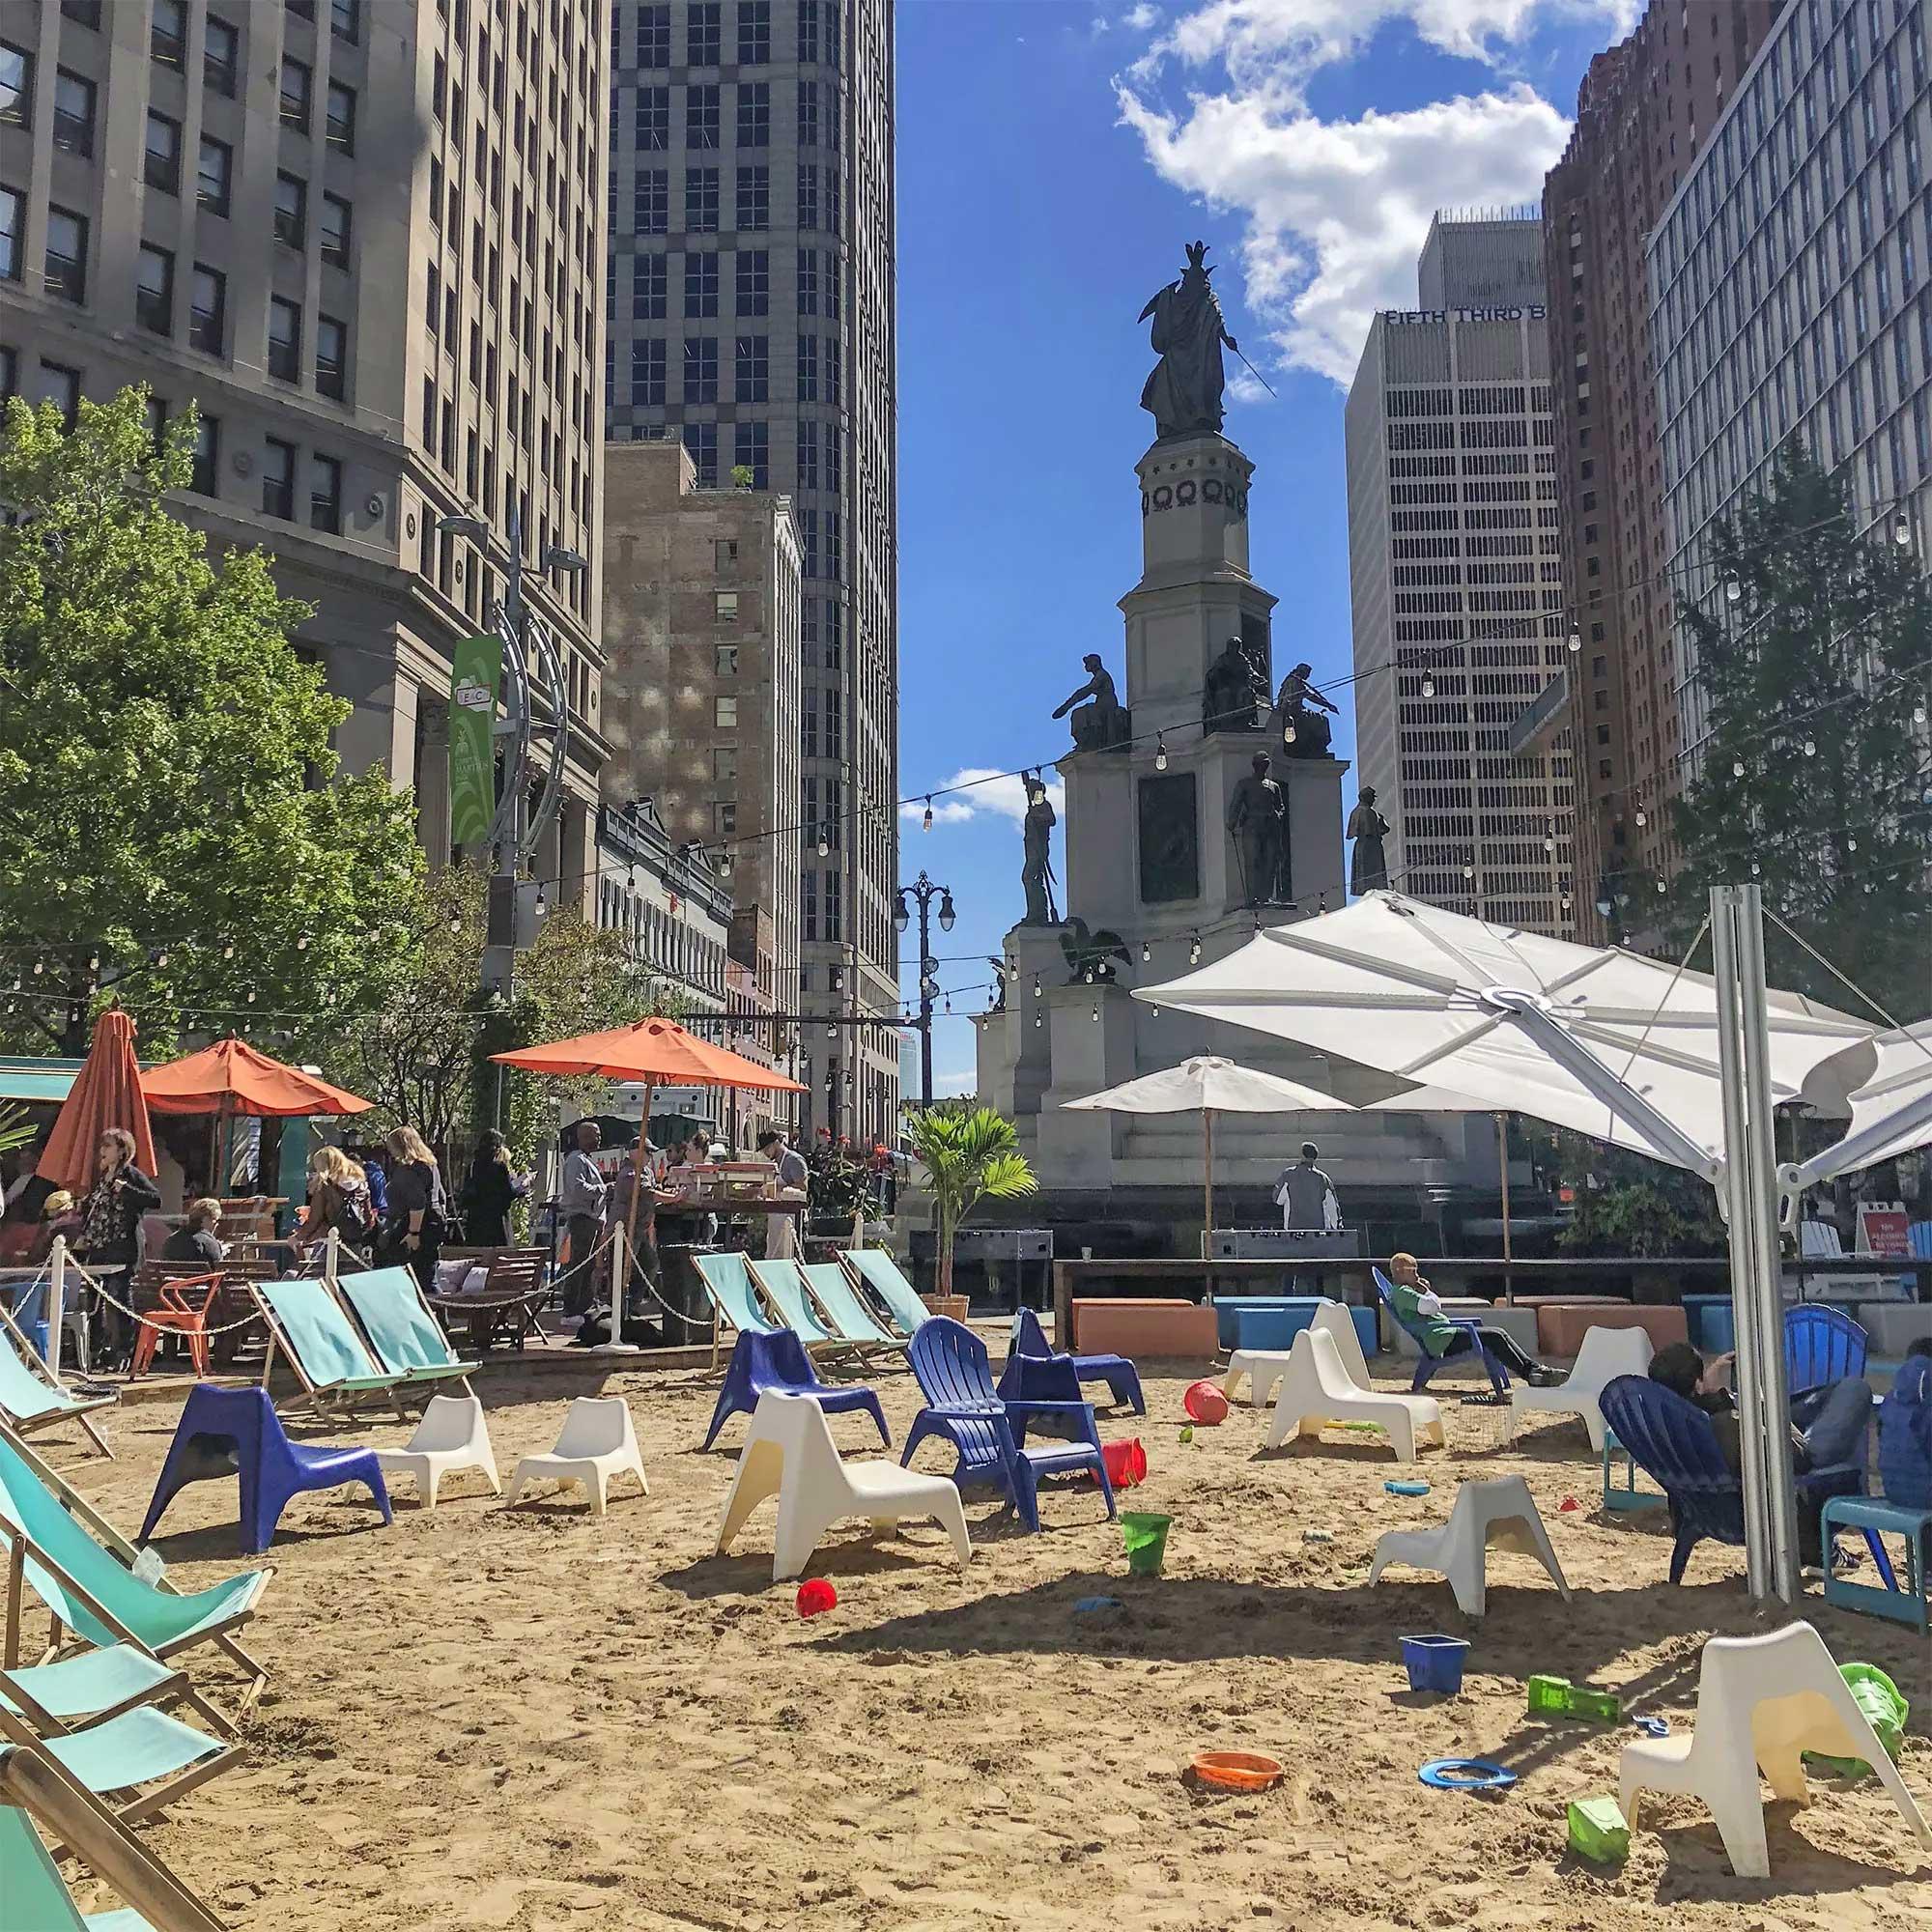 The urban beach in Downtown Detroit